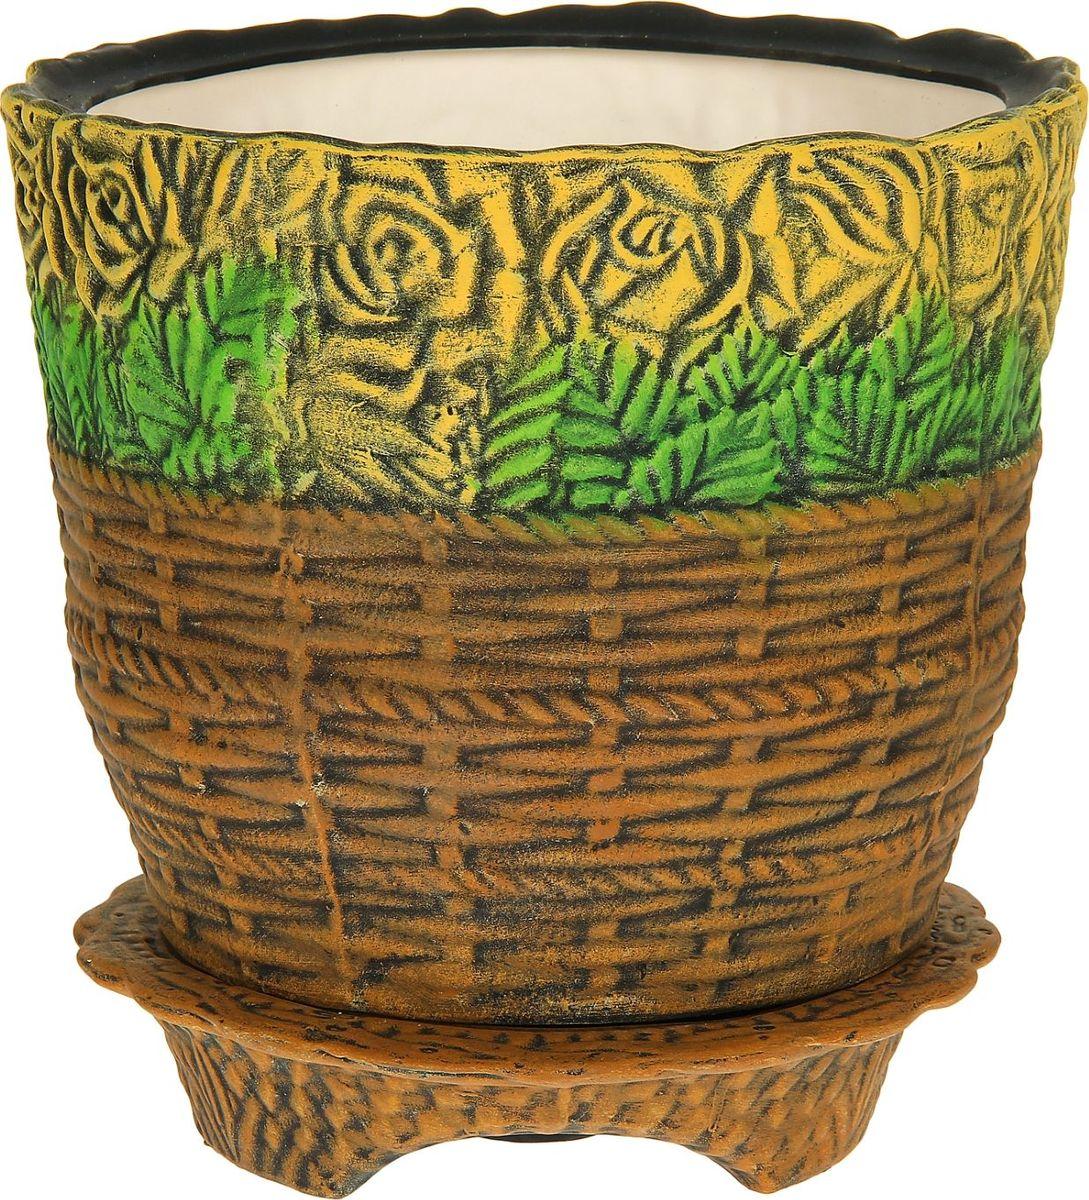 Кашпо Керамика ручной работы Розы в корзине, цвет: желтый, 15 л1114305Декоративное кашпо, выполненное из высококачественной керамики, предназначено для посадки декоративных растений и станет прекрасным украшением для дома. Пористый материал позволяет испаряться лишней влаге, а воздух, необходимый для дыхания корней, проникает сквозь керамические стенки. Такое кашпо украсит окружающее пространство и подчеркнет его оригинальный стиль.